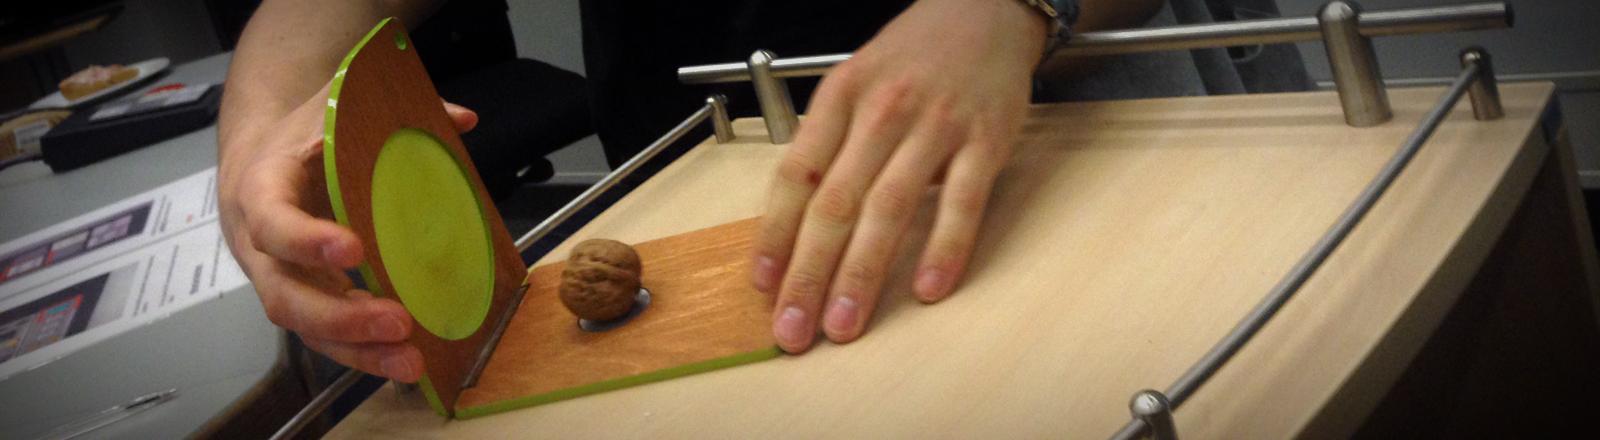 Der Erfinder und Produktdesigner Paul Ketz demonstriert seinen Nussknacker im Studio.